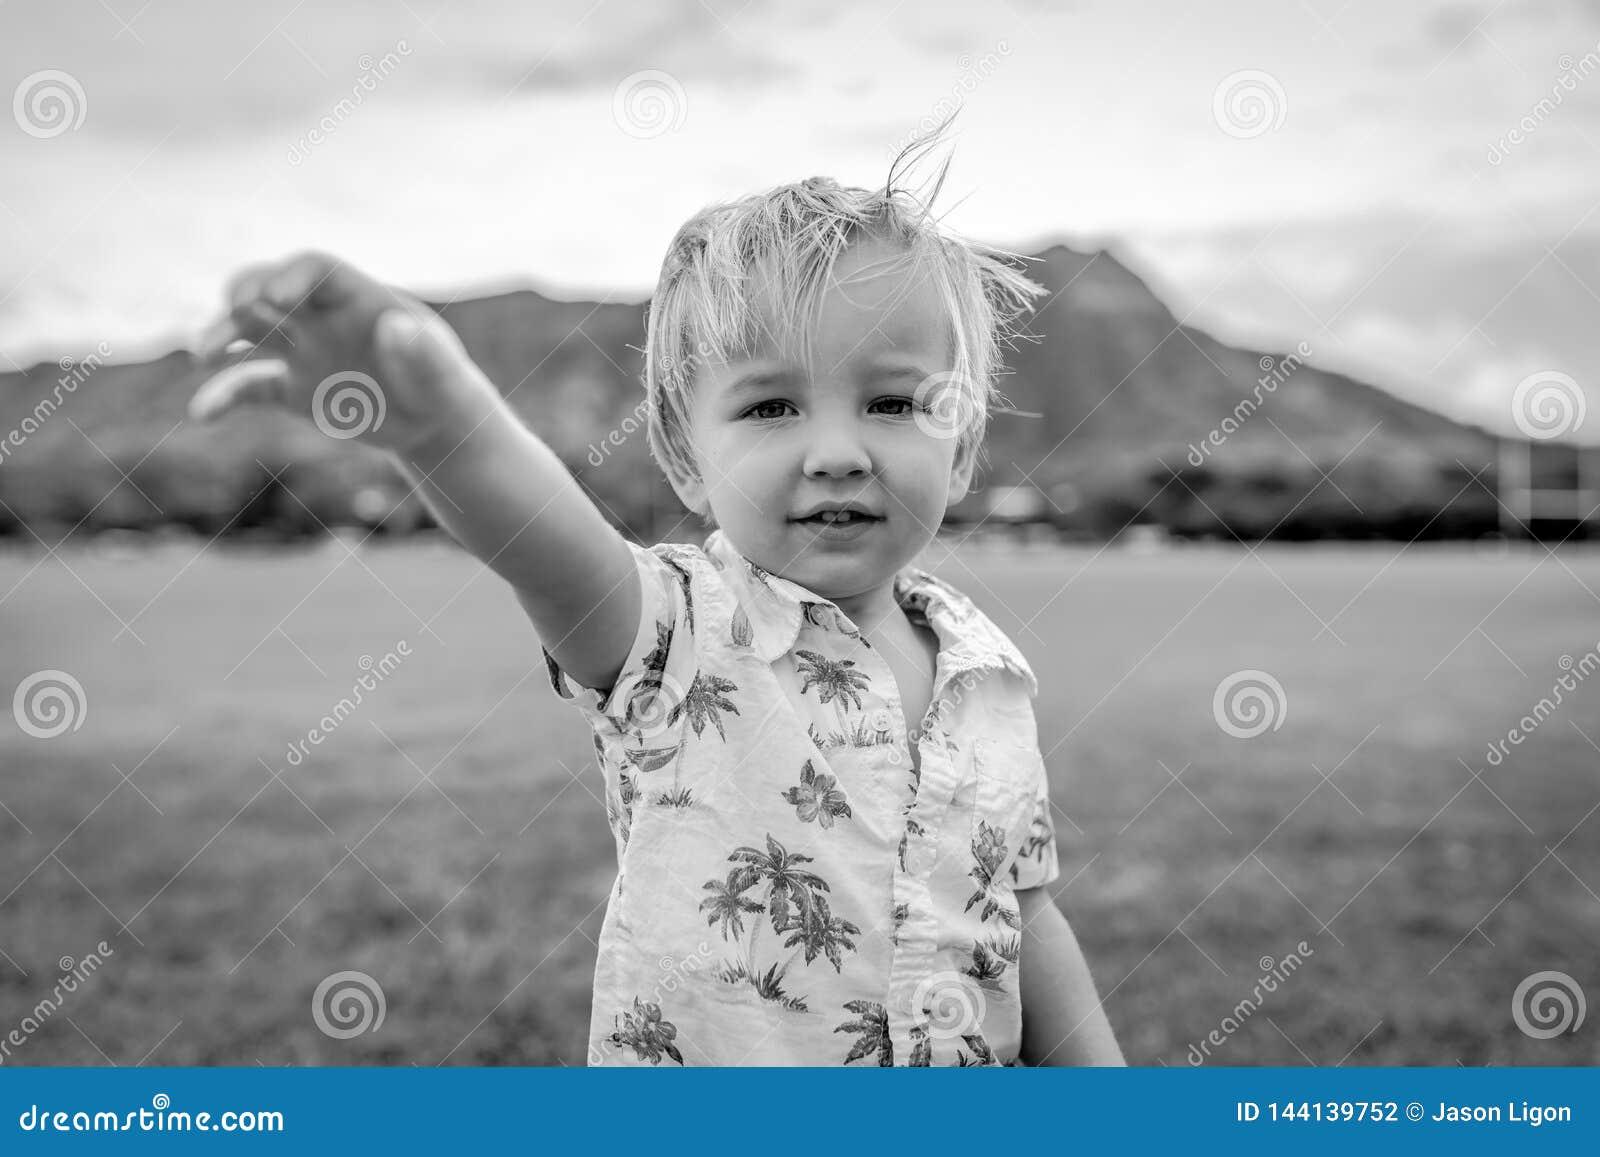 Young Boy Standing Wearing Aloha Shirt in Field